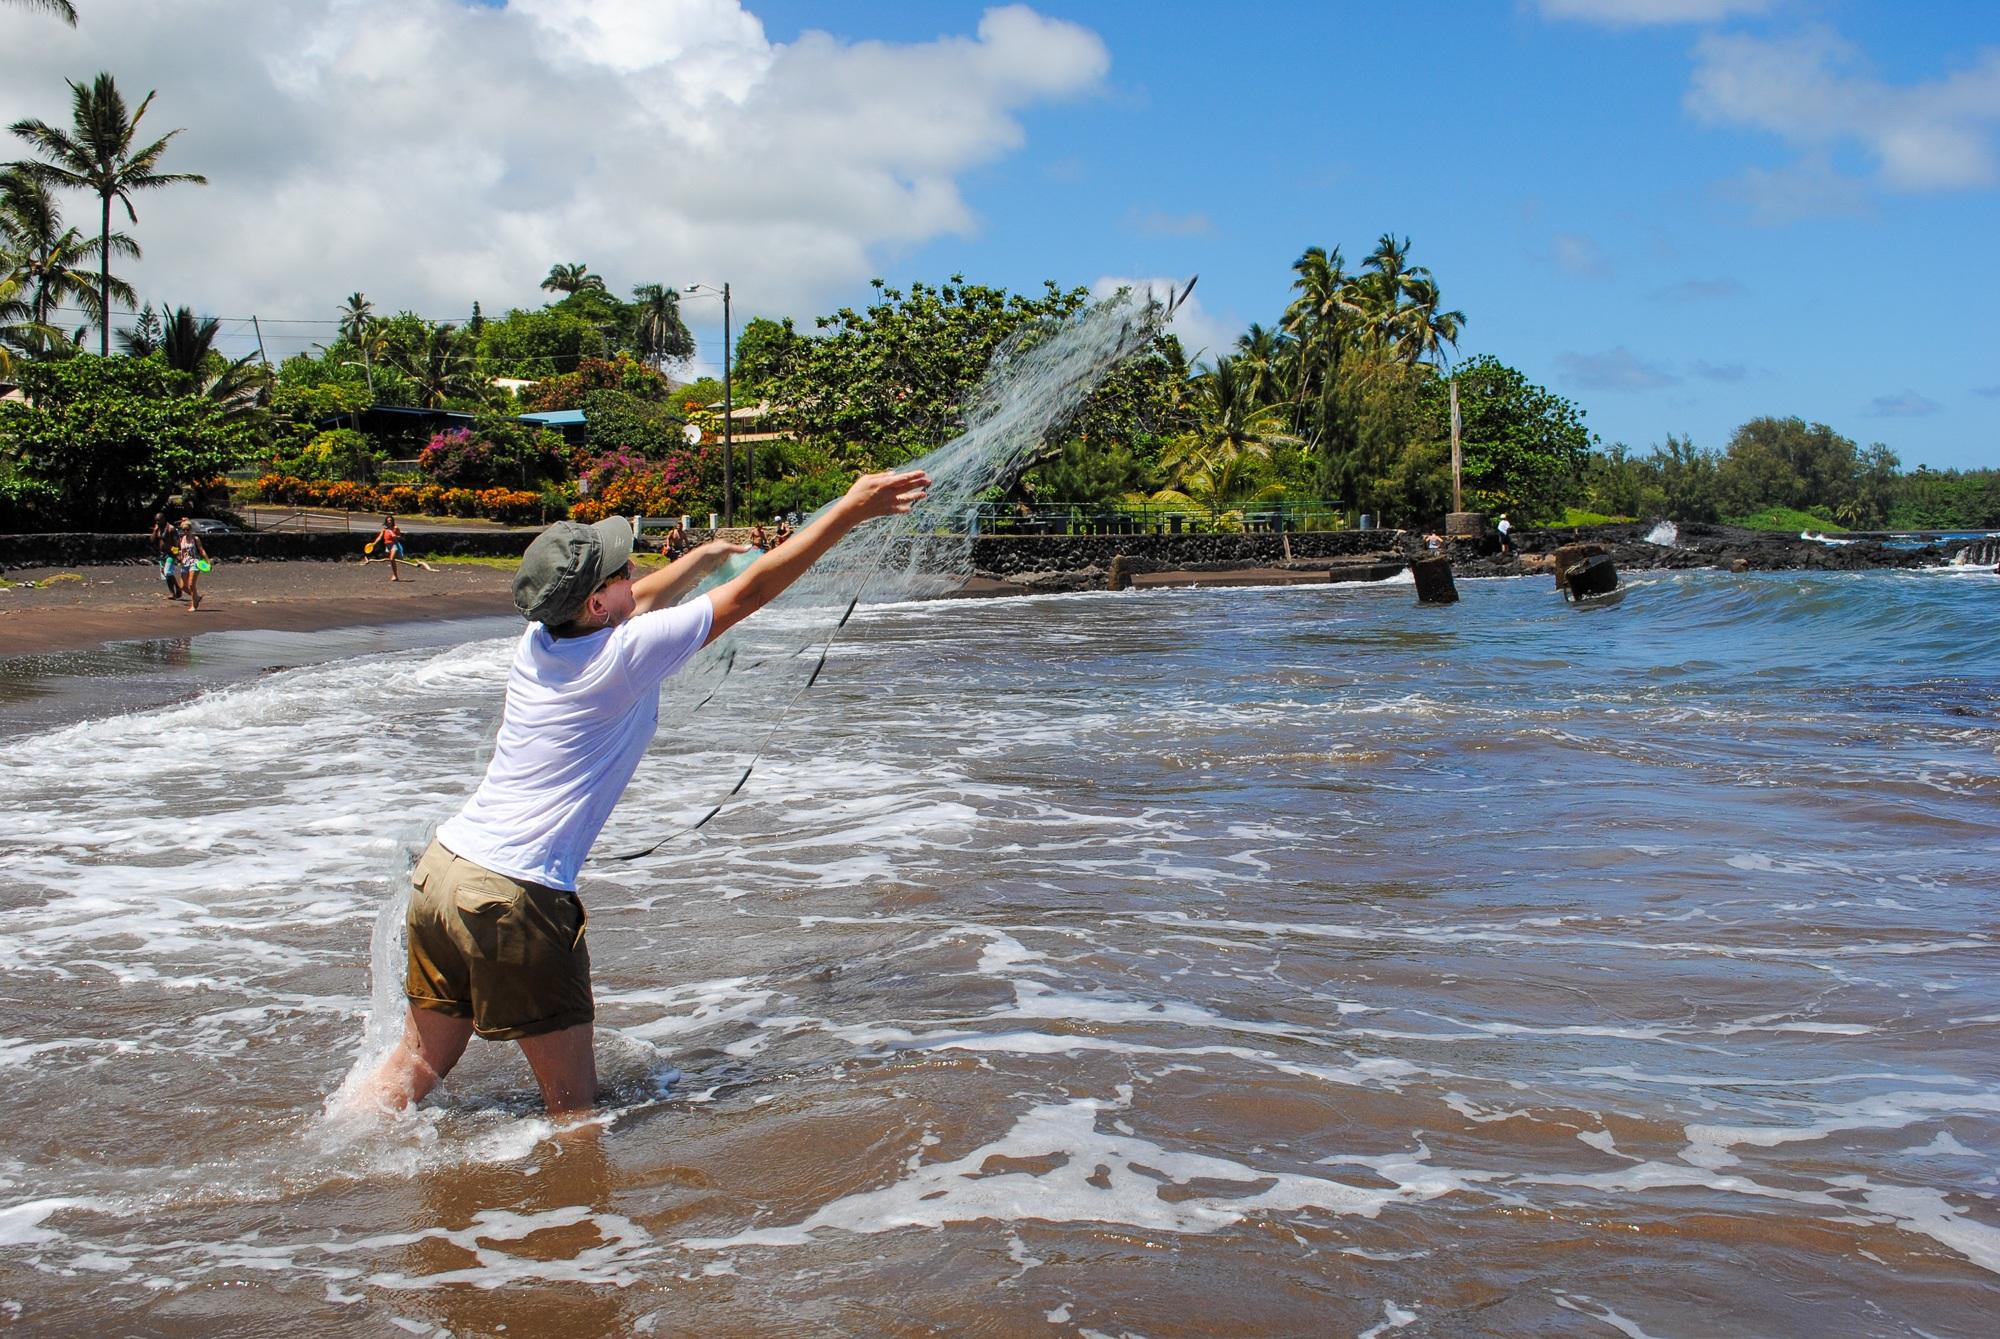 Throw net fishing lesson at Hana Maui Resort